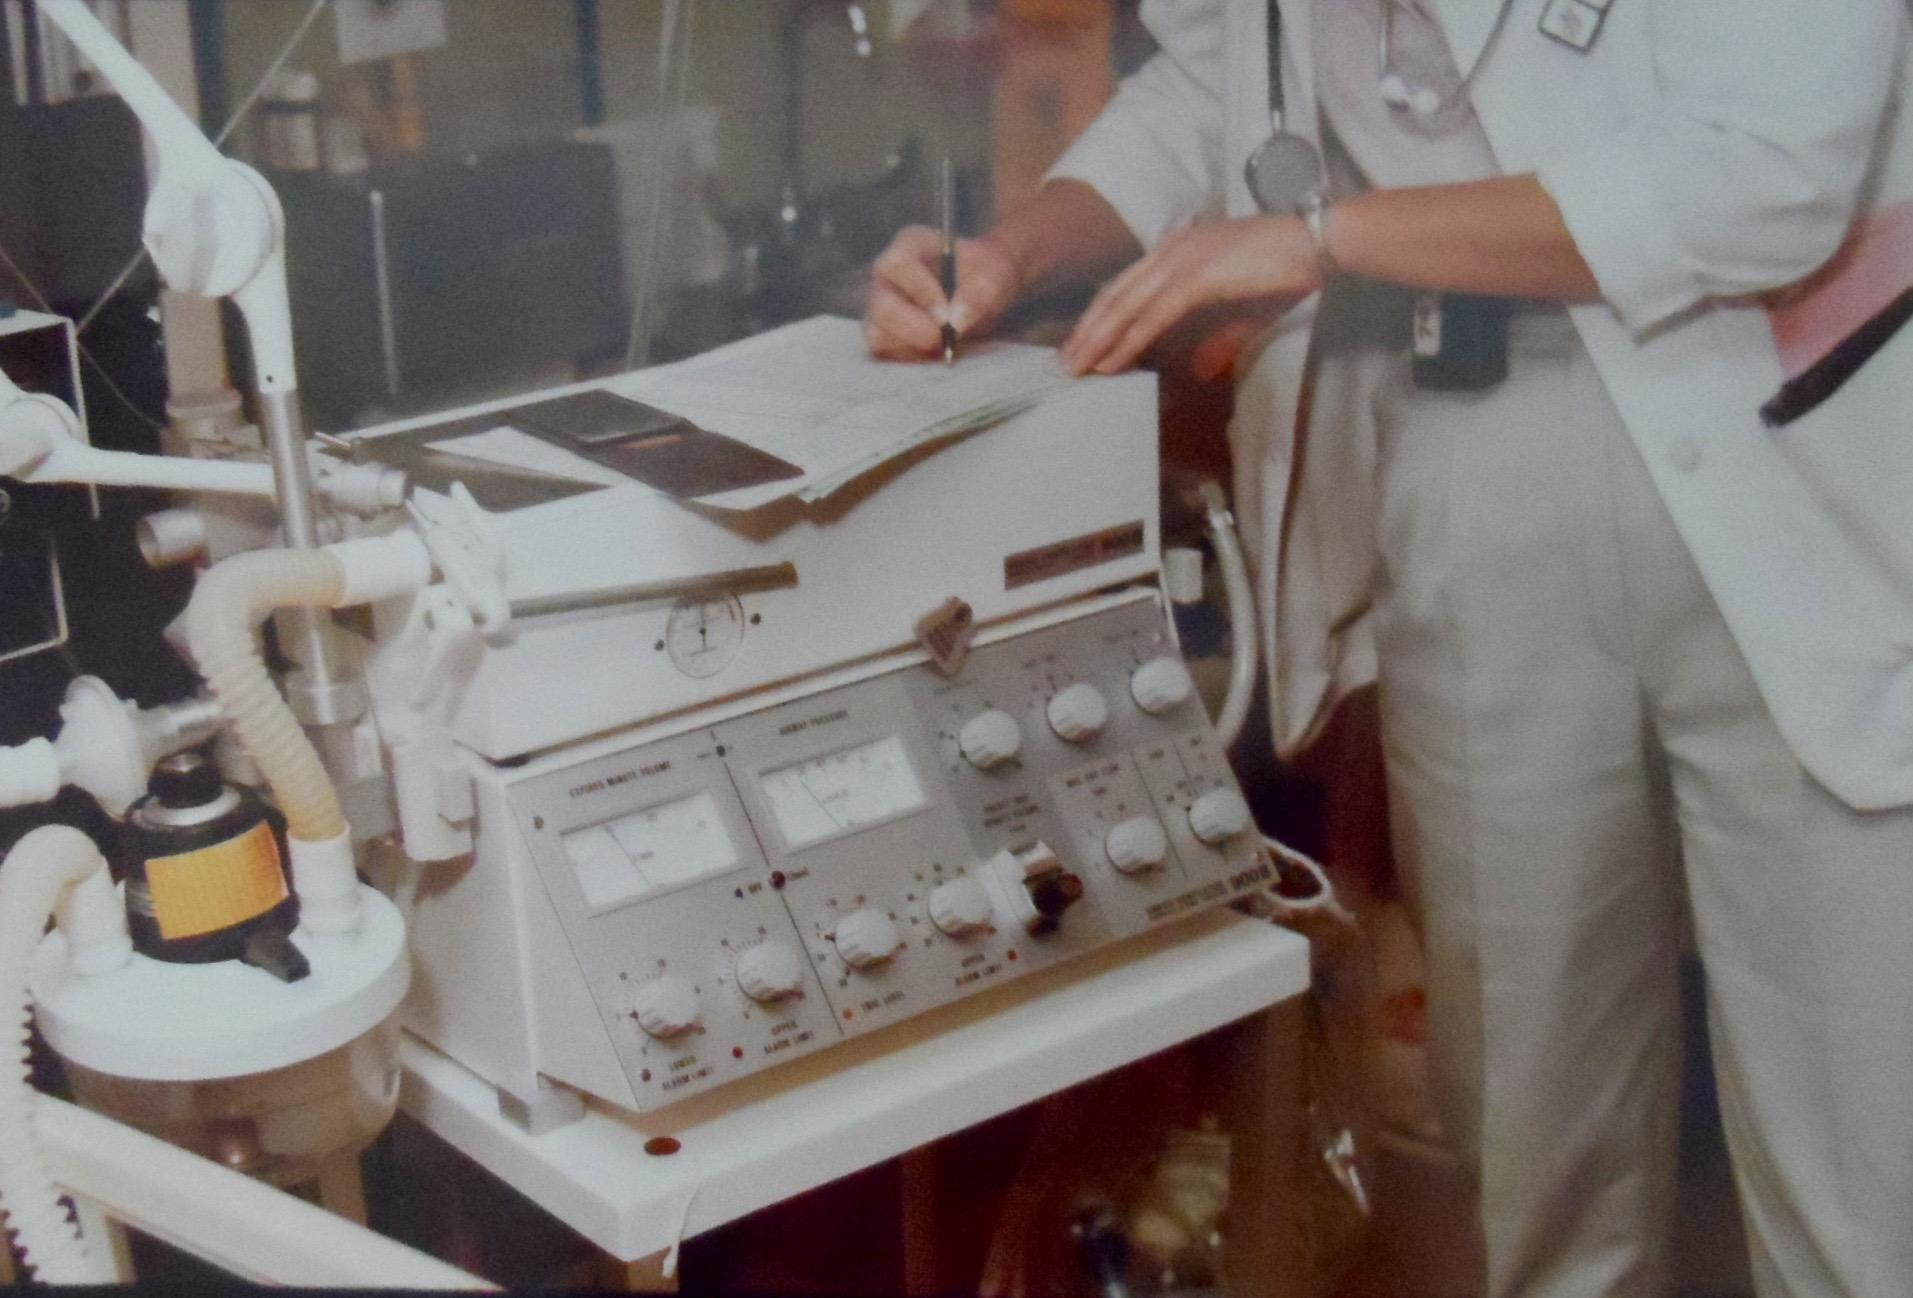 Siemens-Elema 900 B in ICU